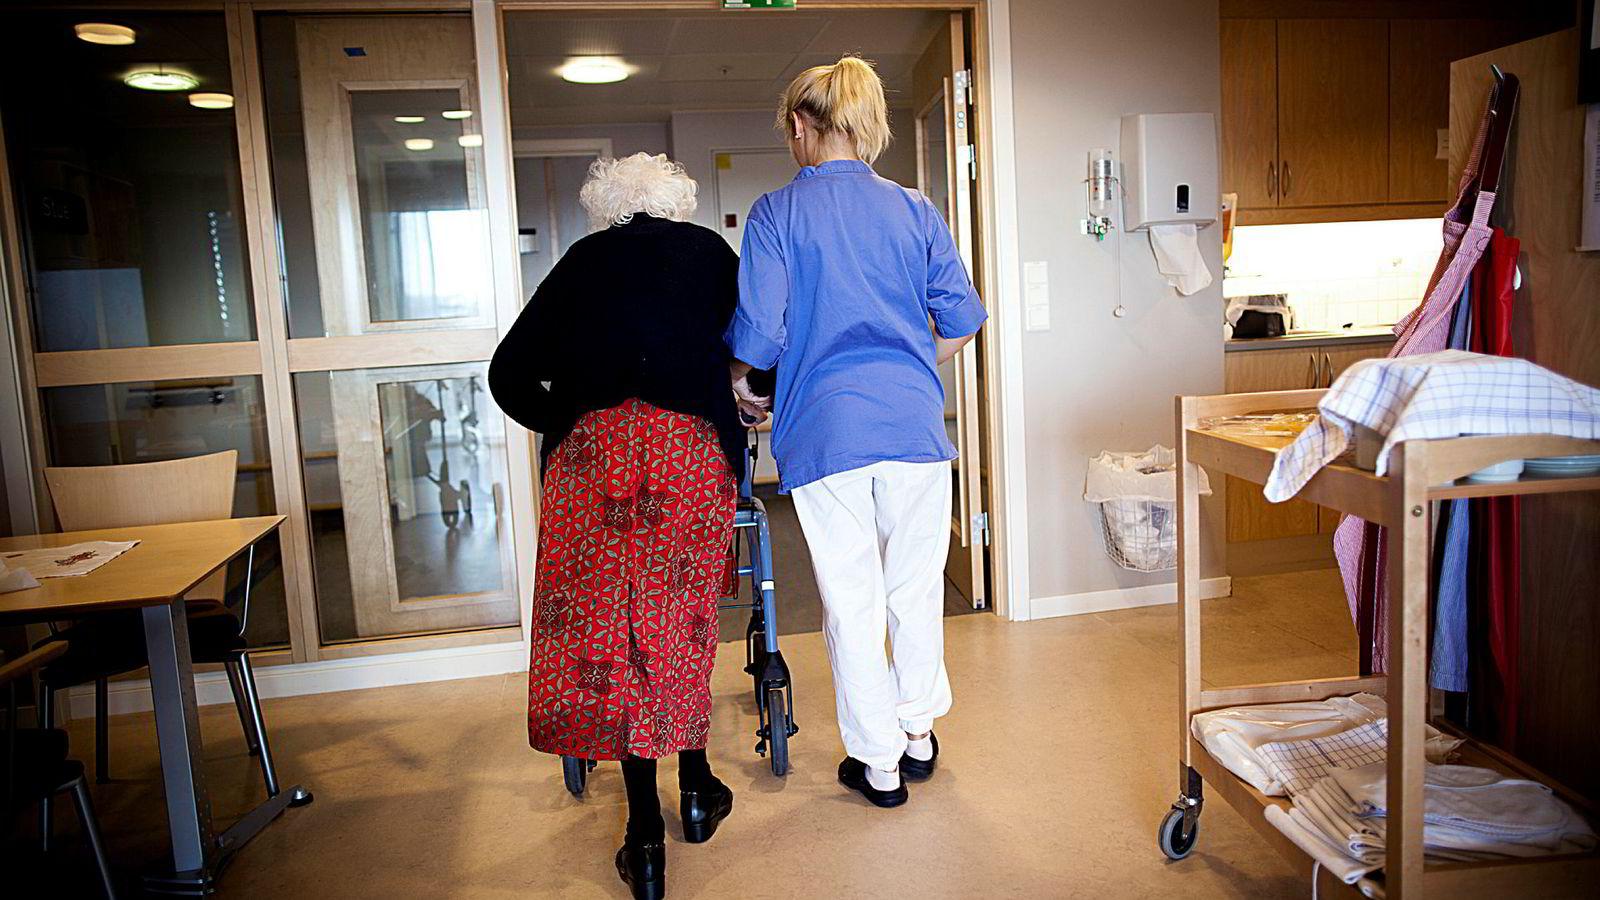 NHO krever at alle omsorgsinstitusjoner i Norge granskes for å sikre at de leverer kvalitet på tjenestene sine. Illustrasjonsfoto.